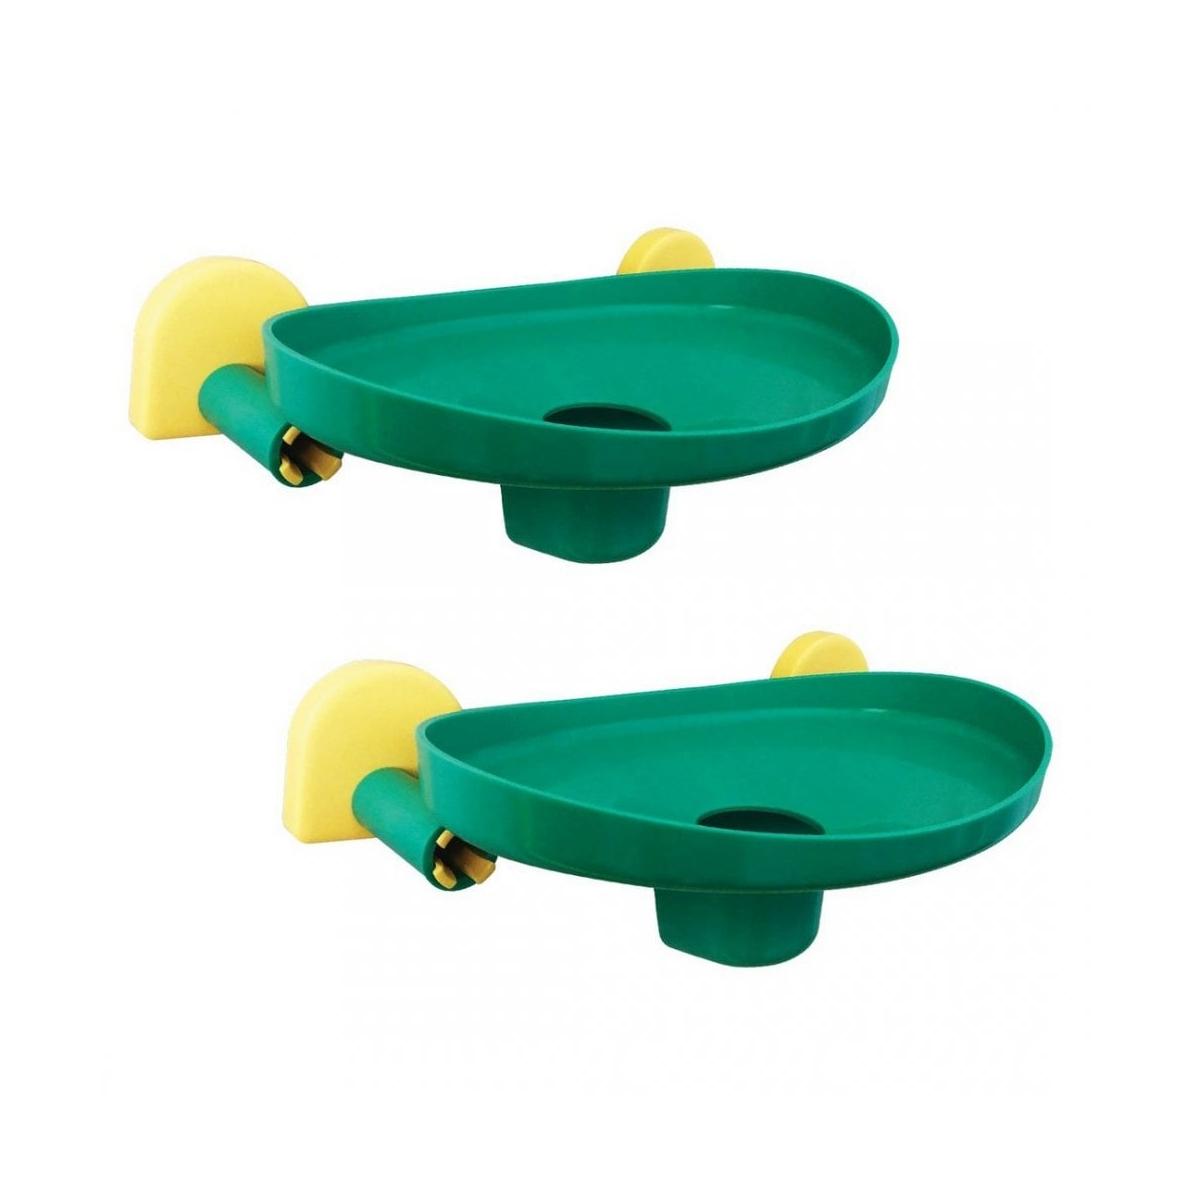 Oribel VertiPlay STEM Wall Toys- Vortex Set-Green